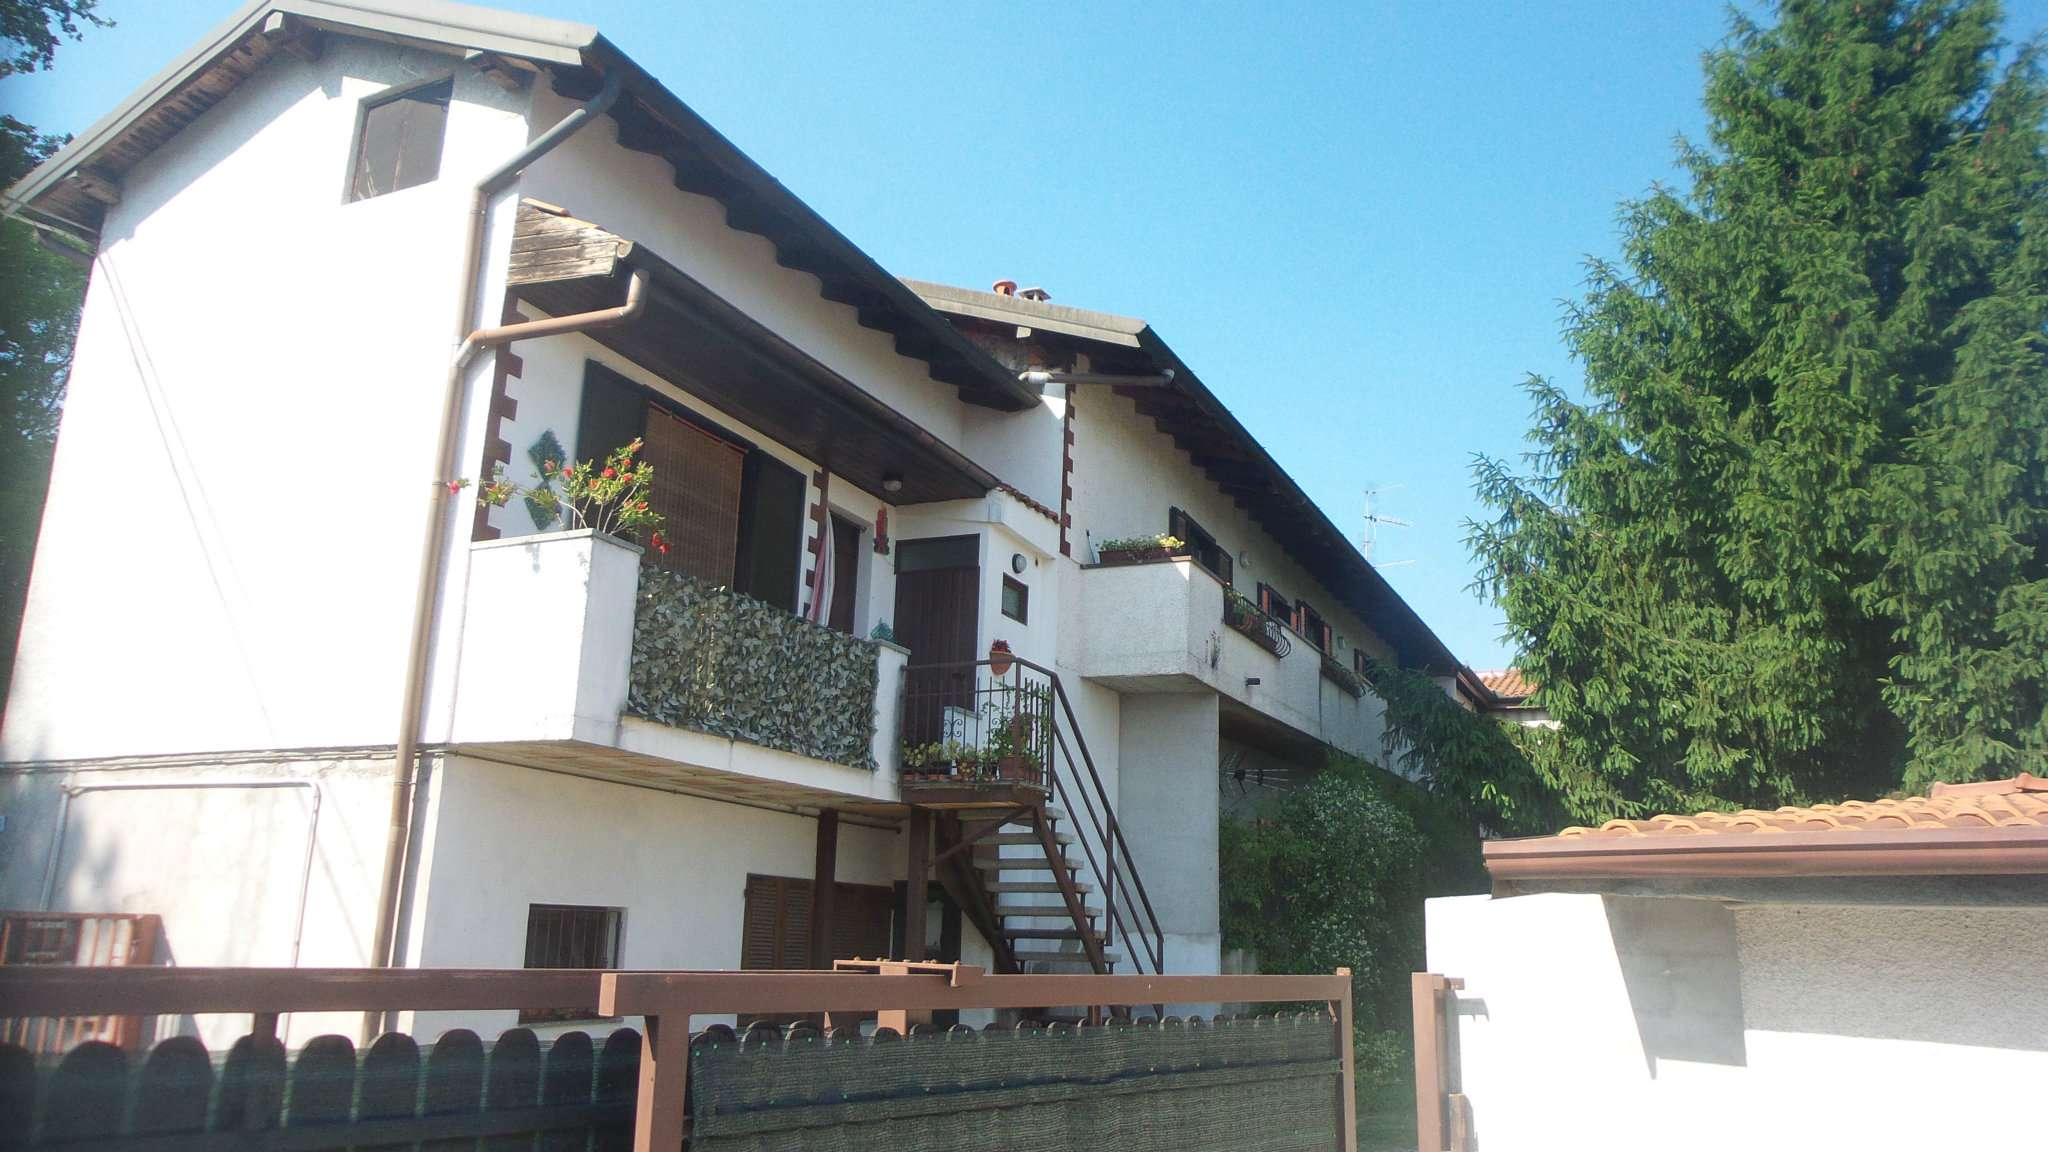 Soluzione Indipendente in vendita a Solbiate Arno, 3 locali, prezzo € 150.000 | Cambio Casa.it